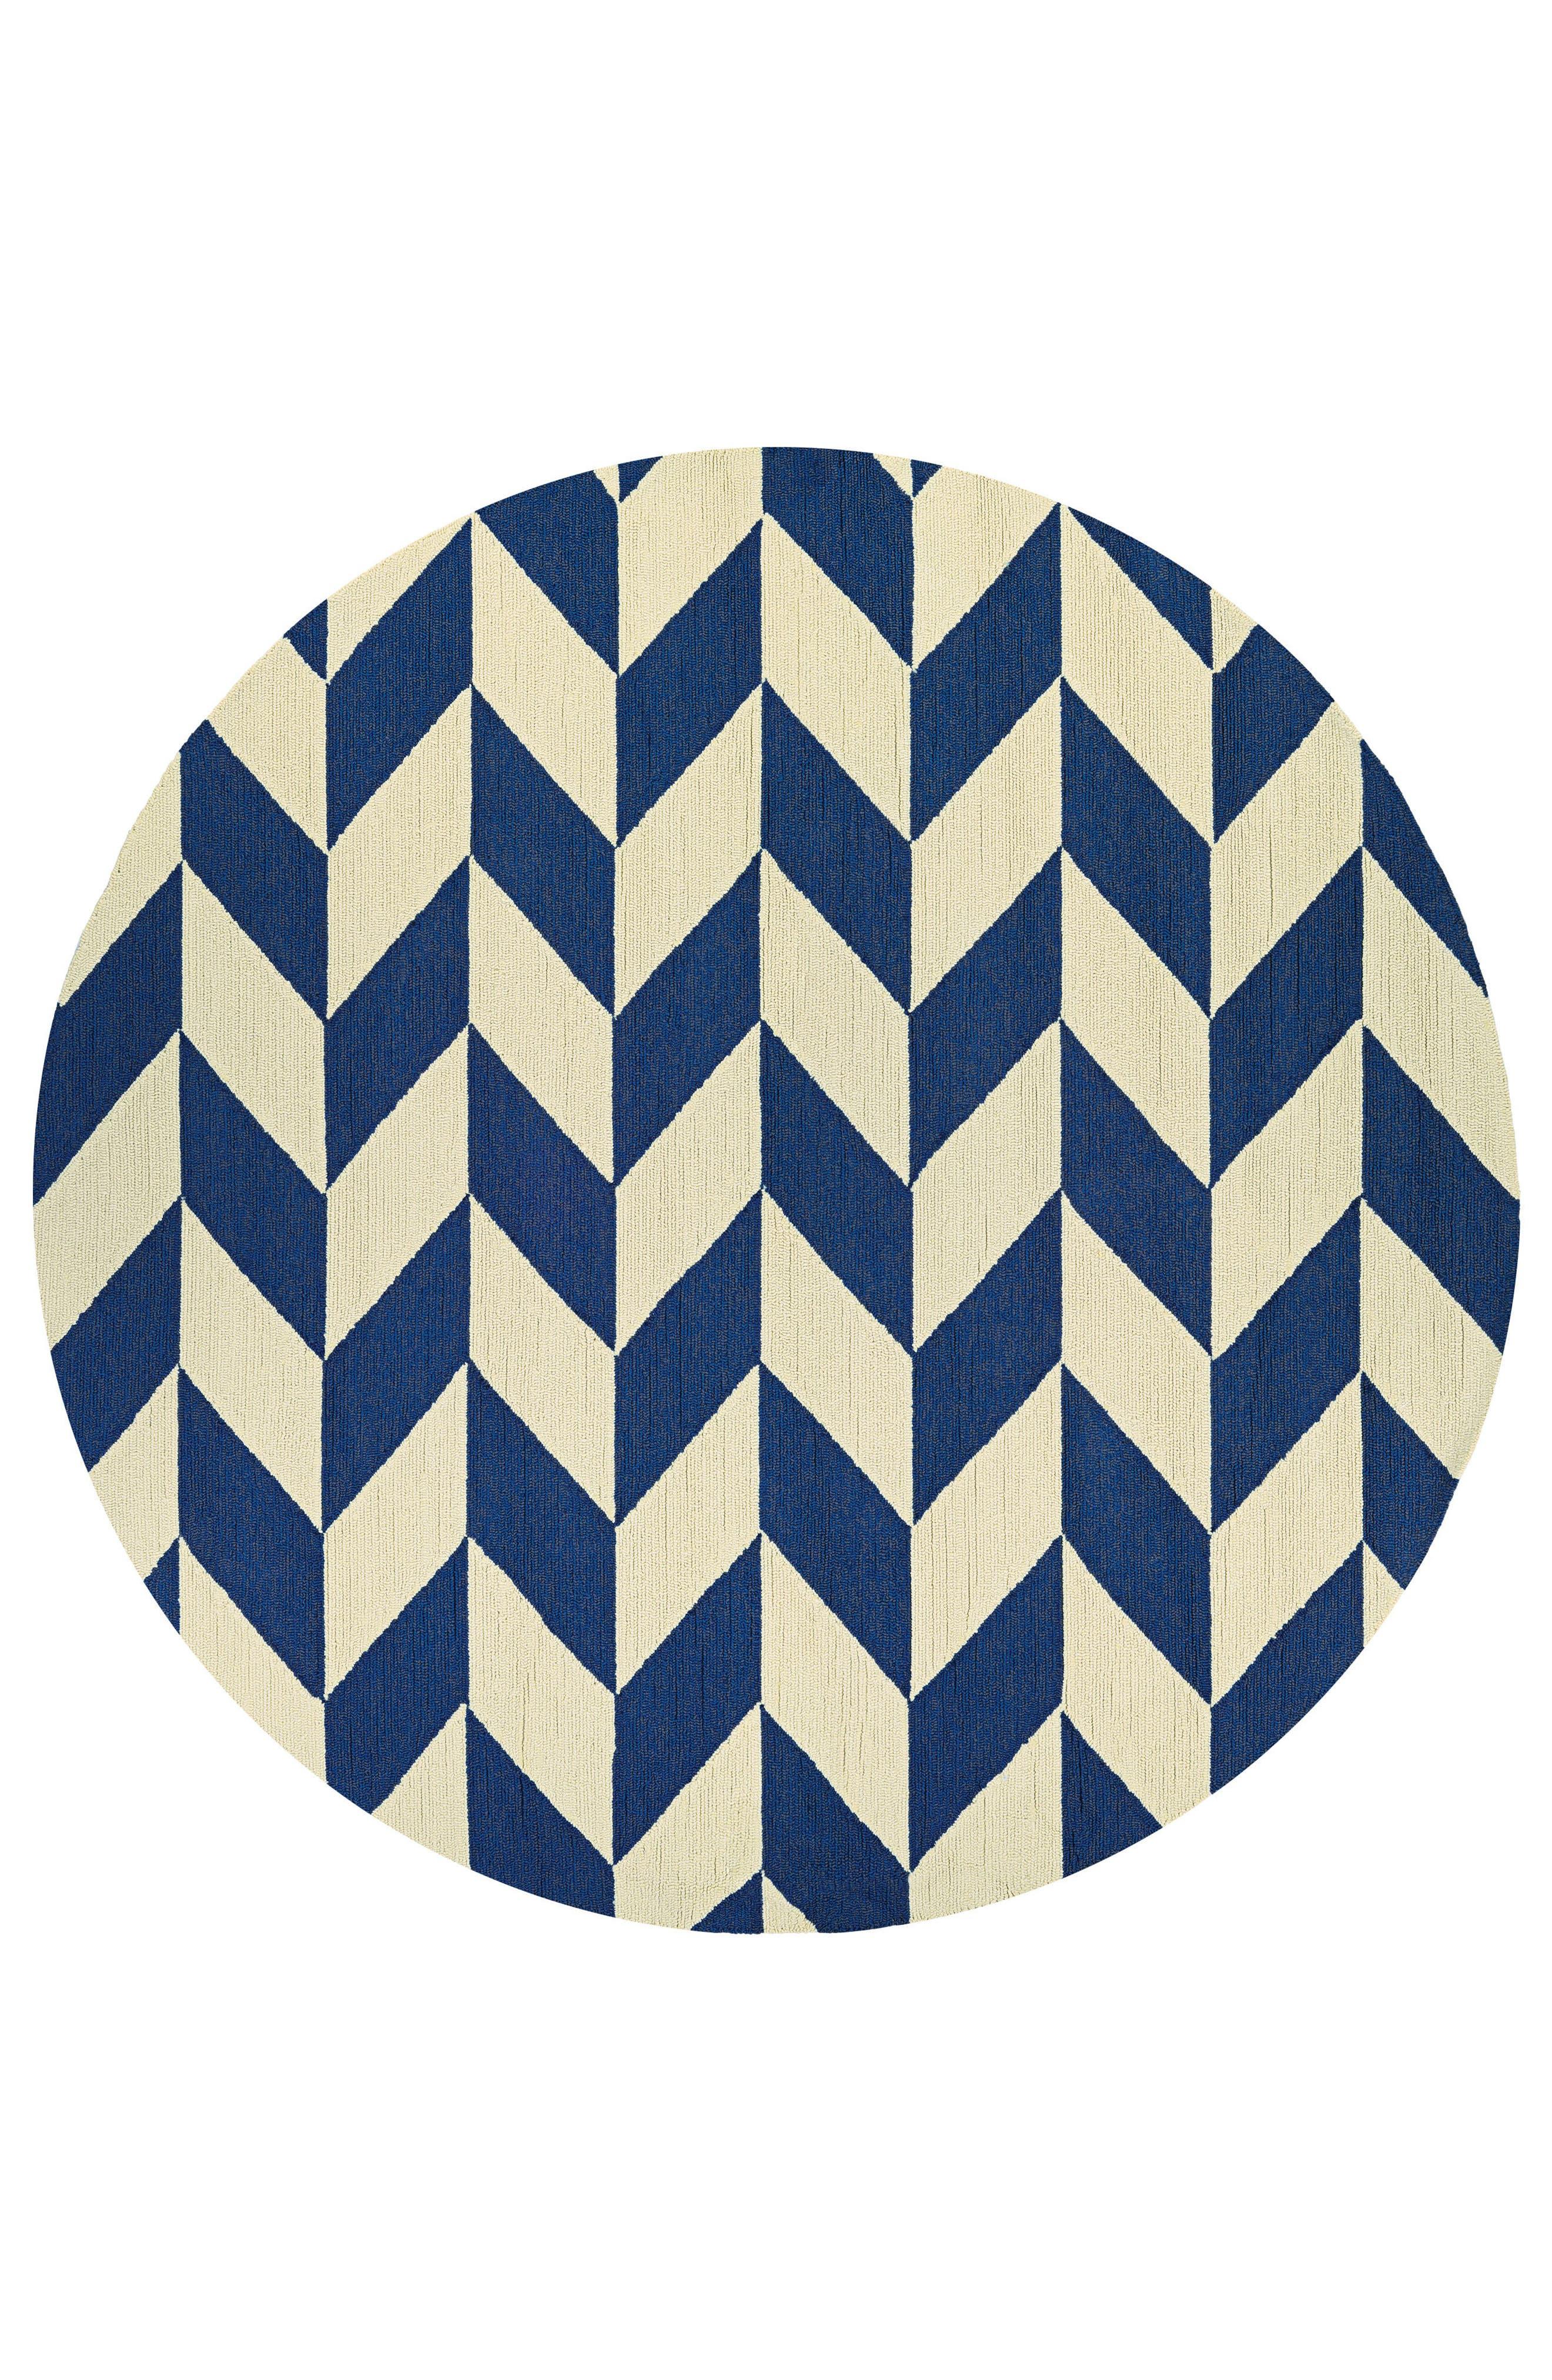 Herringbone Indoor/Outdoor Round Rug,                         Main,                         color, 400